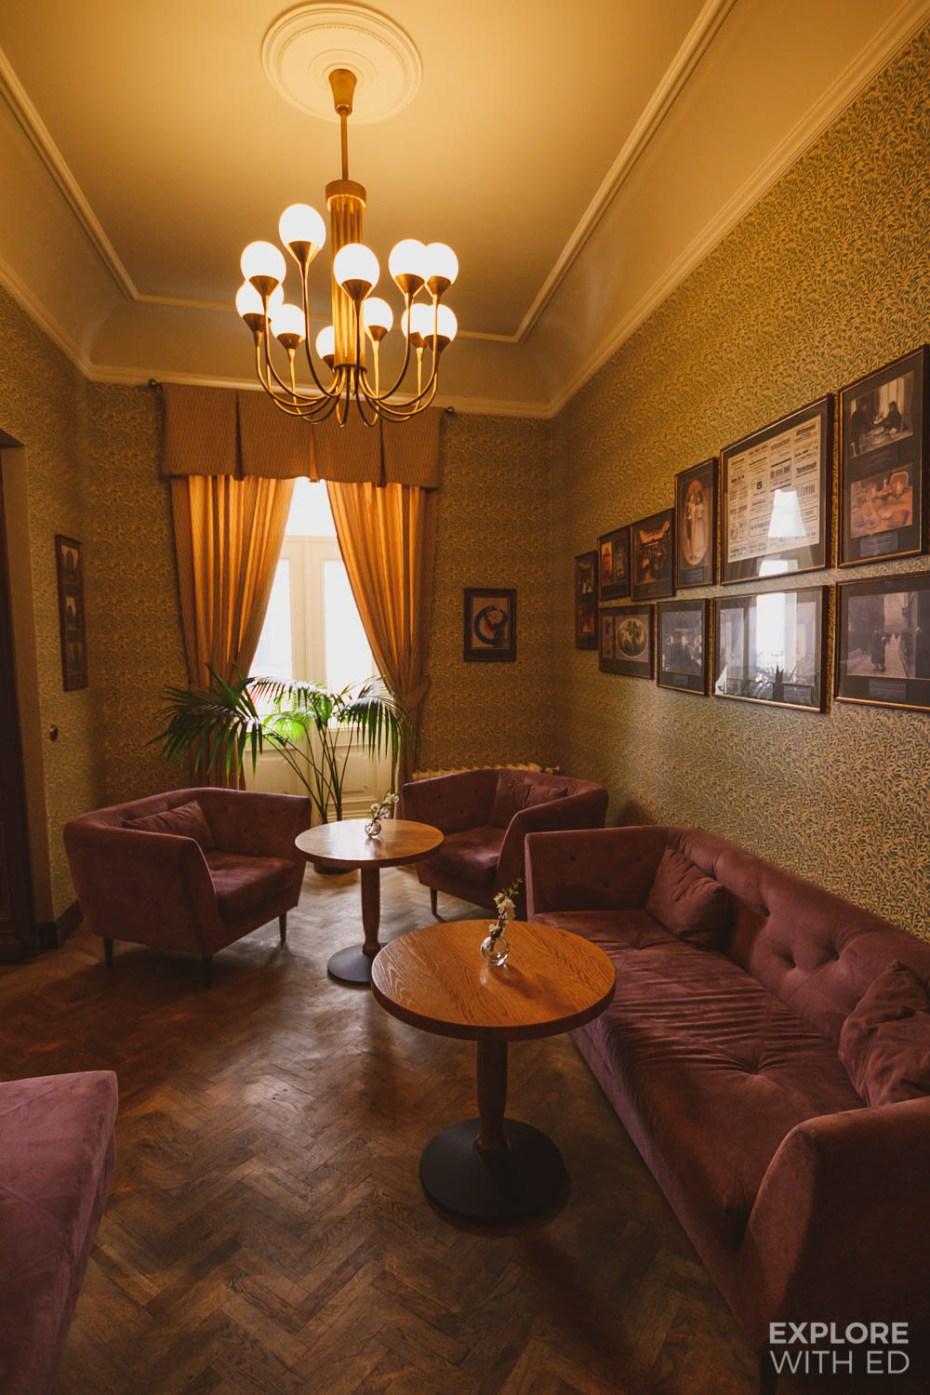 The oldest cafe in Tallinn, Estonia